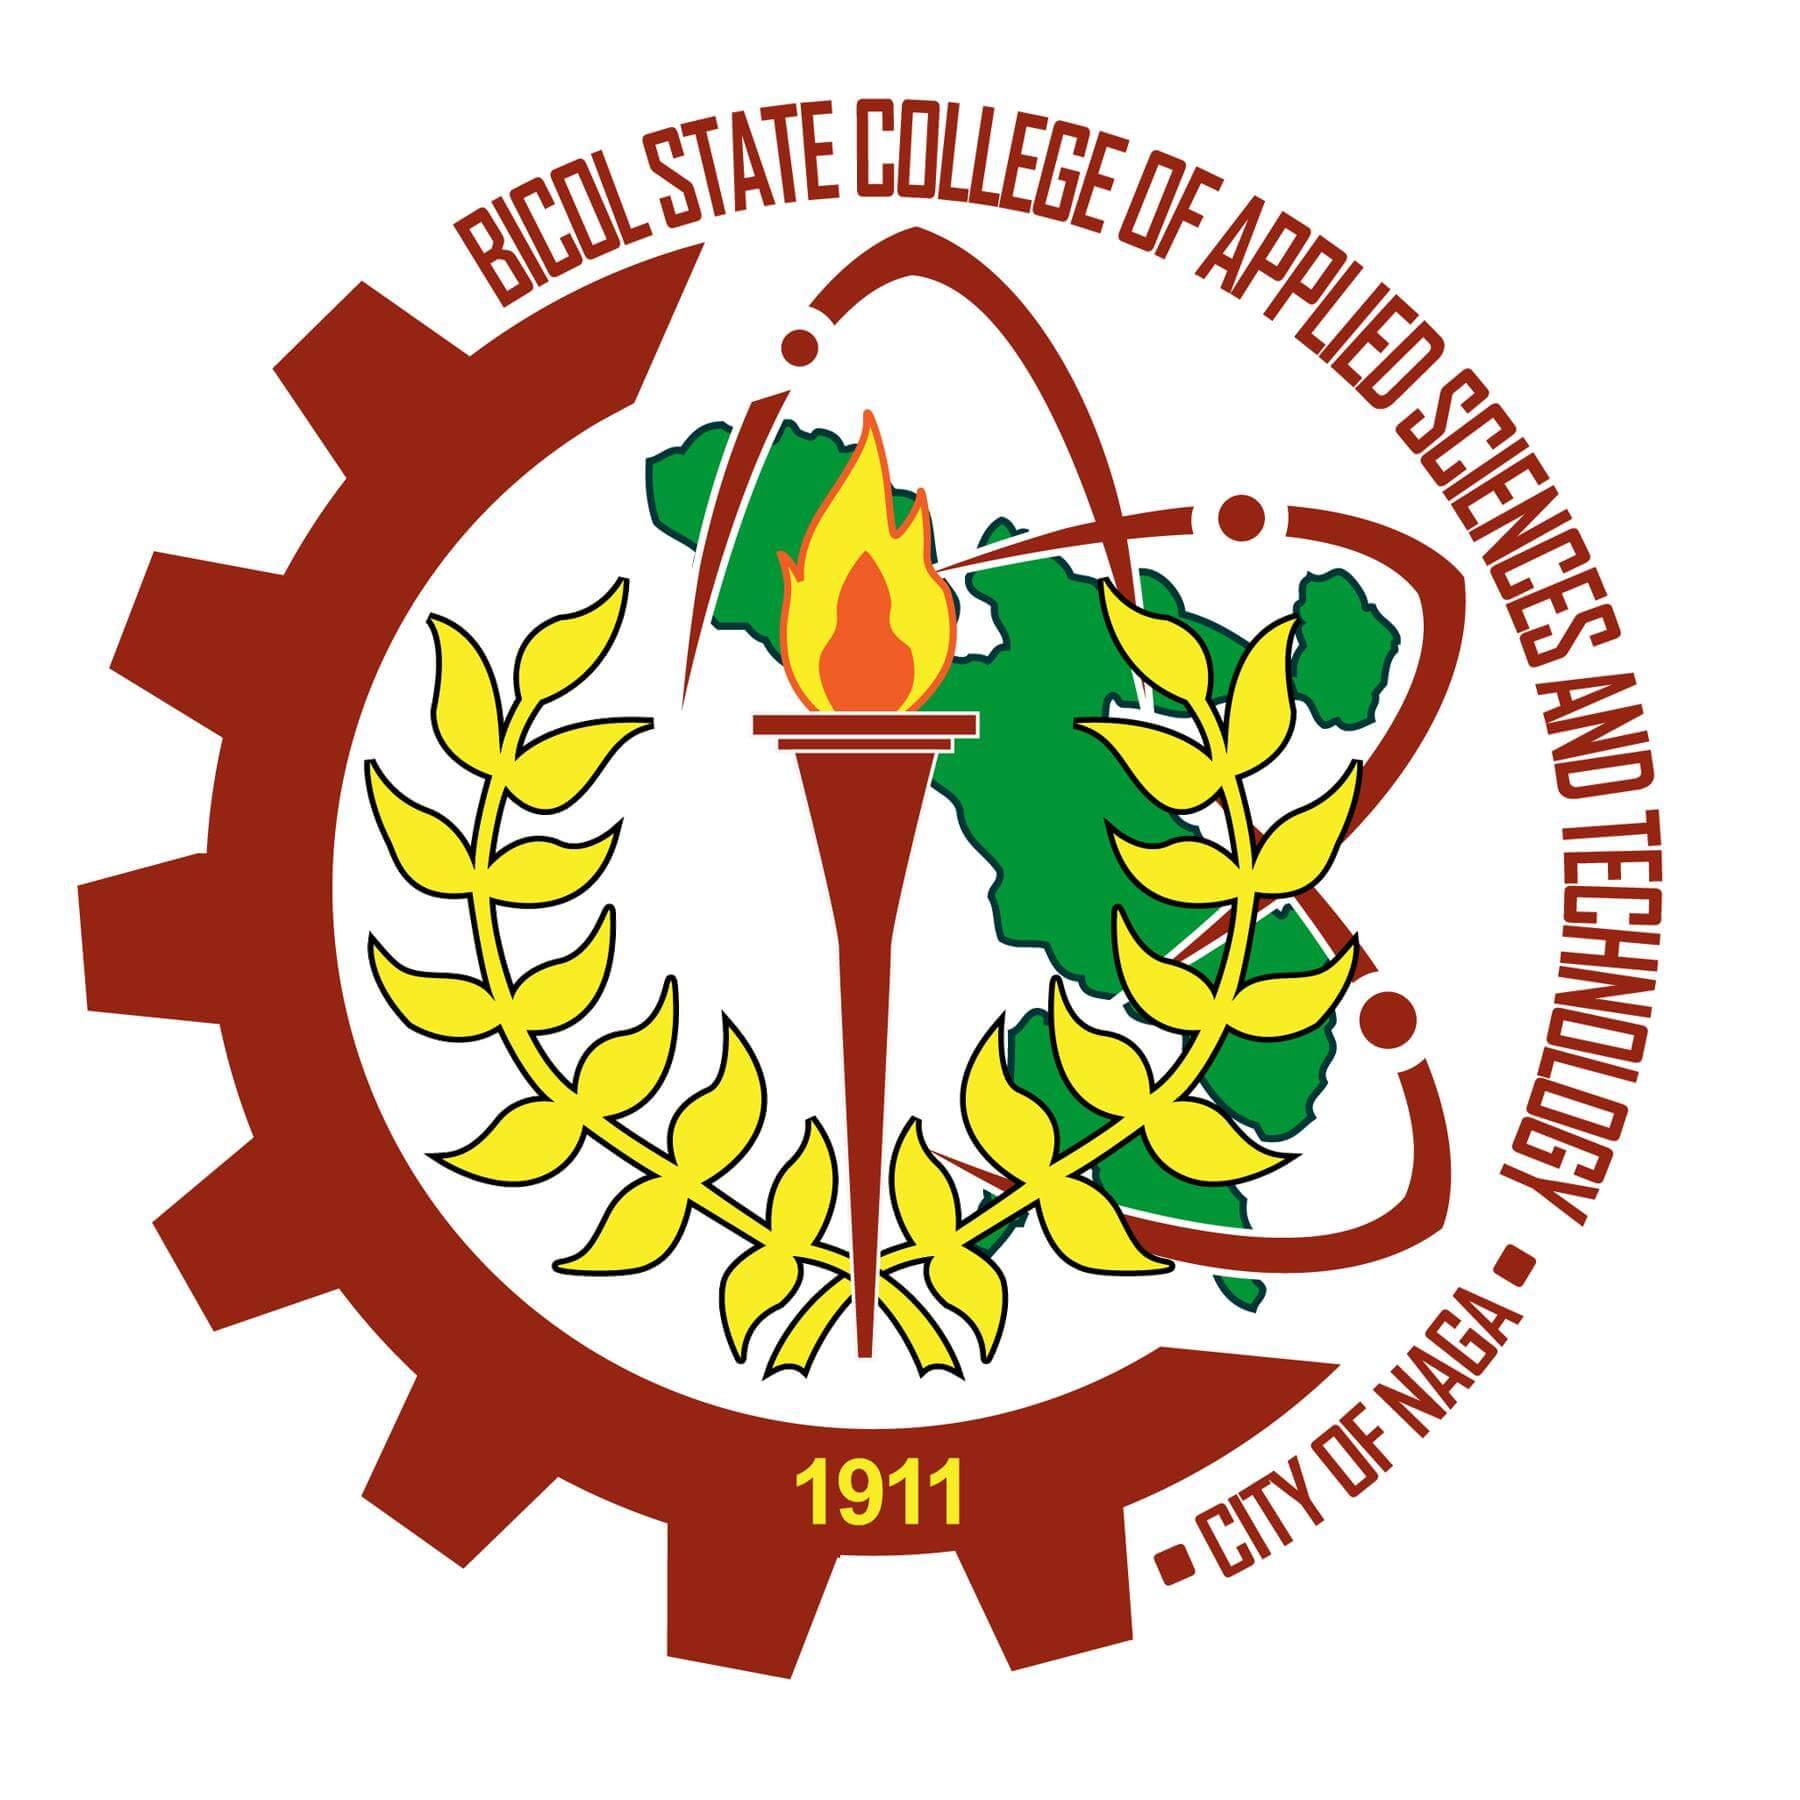 BS in Civil Engineering